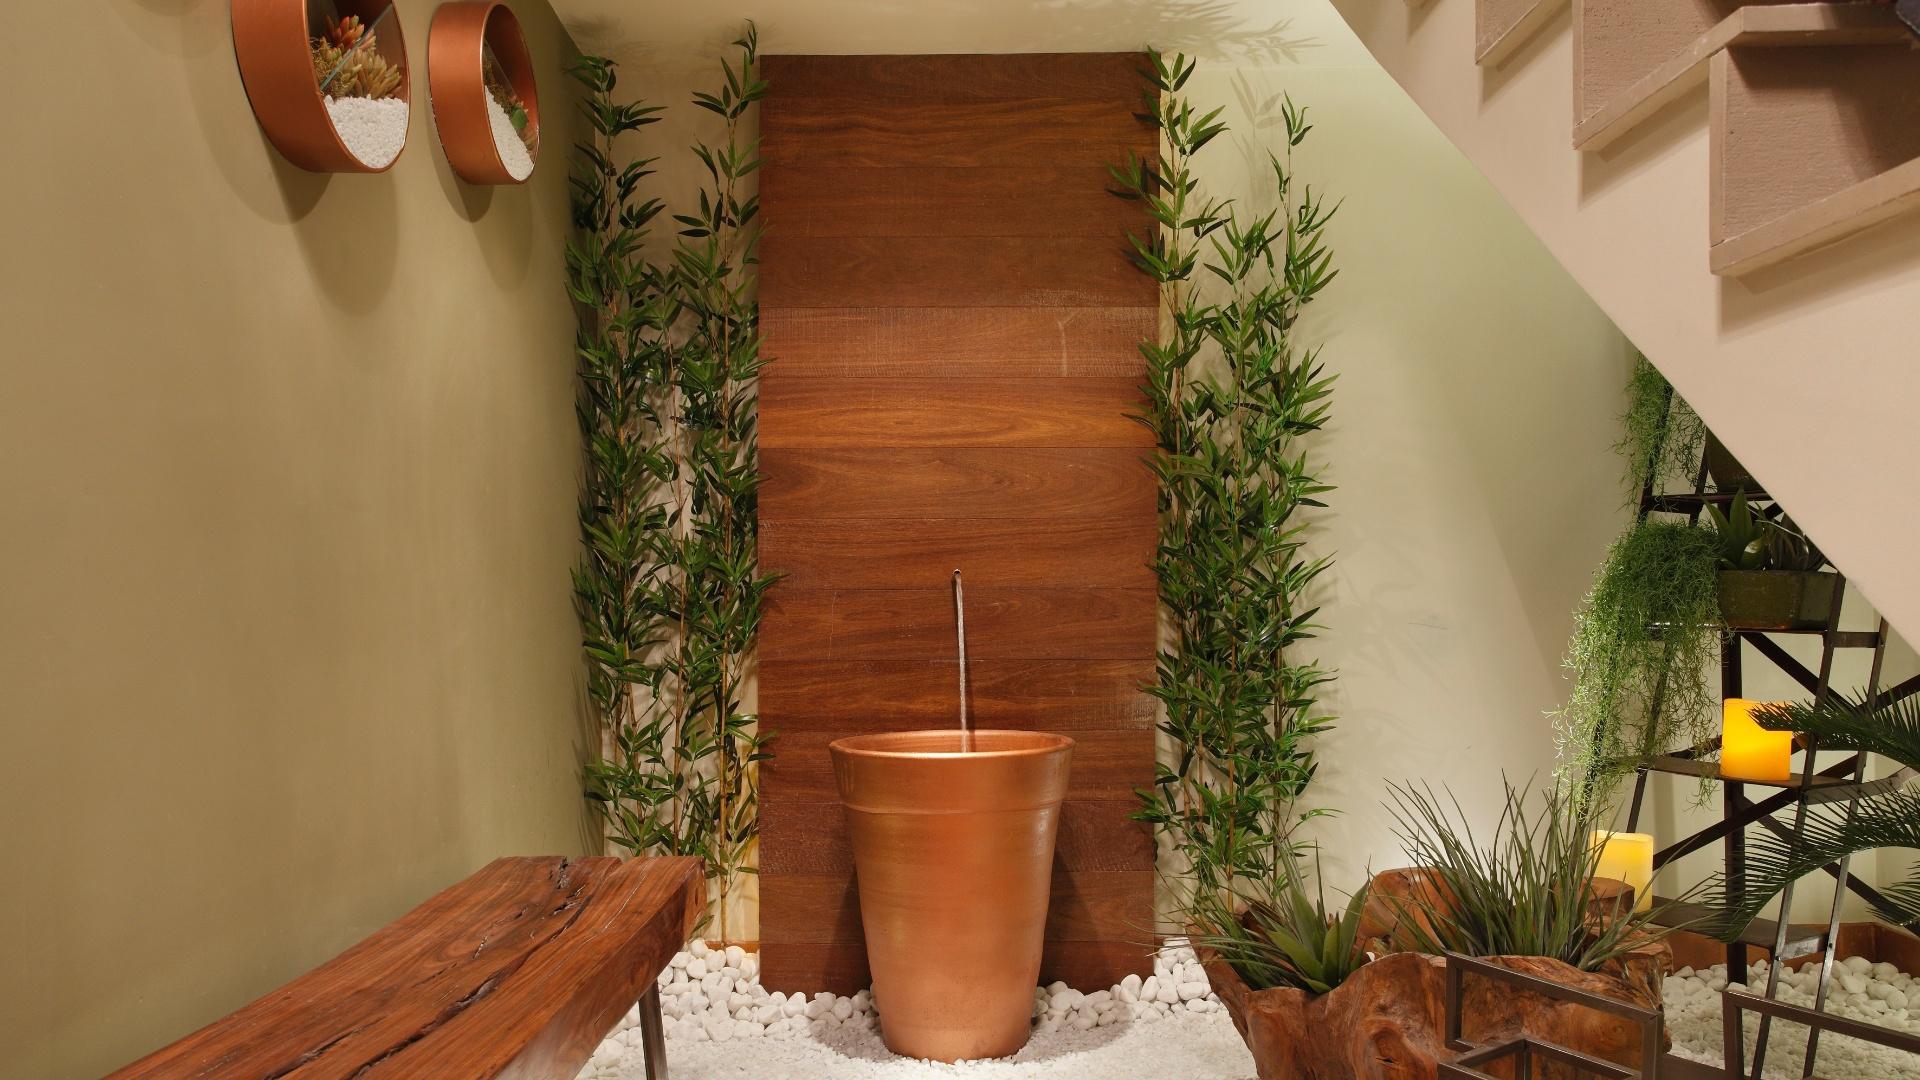 Espaço Zen criado por Cristiana Khun e Livia Corrêa Balduino. A mostra Morar Mais por Menos RJ segue até dia 4 de novembro de 2012, na Av. Epitácio Pessoa, 4.866, Rio de Janeiro